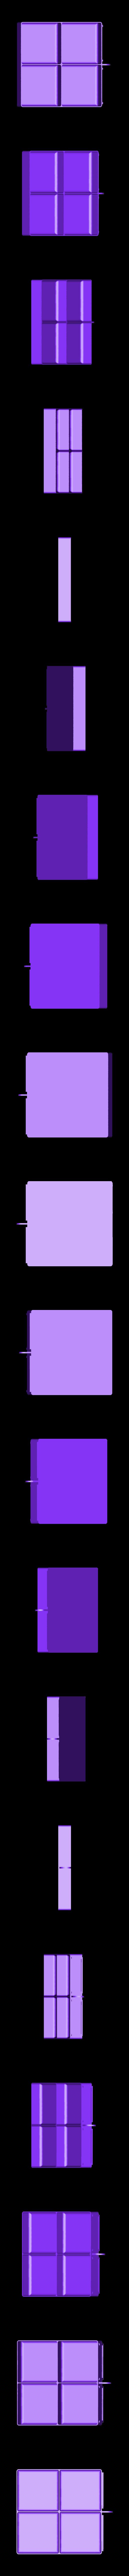 3.stl Télécharger fichier STL gratuit boîte de rangement • Design pour imprimante 3D, 1001thing3d